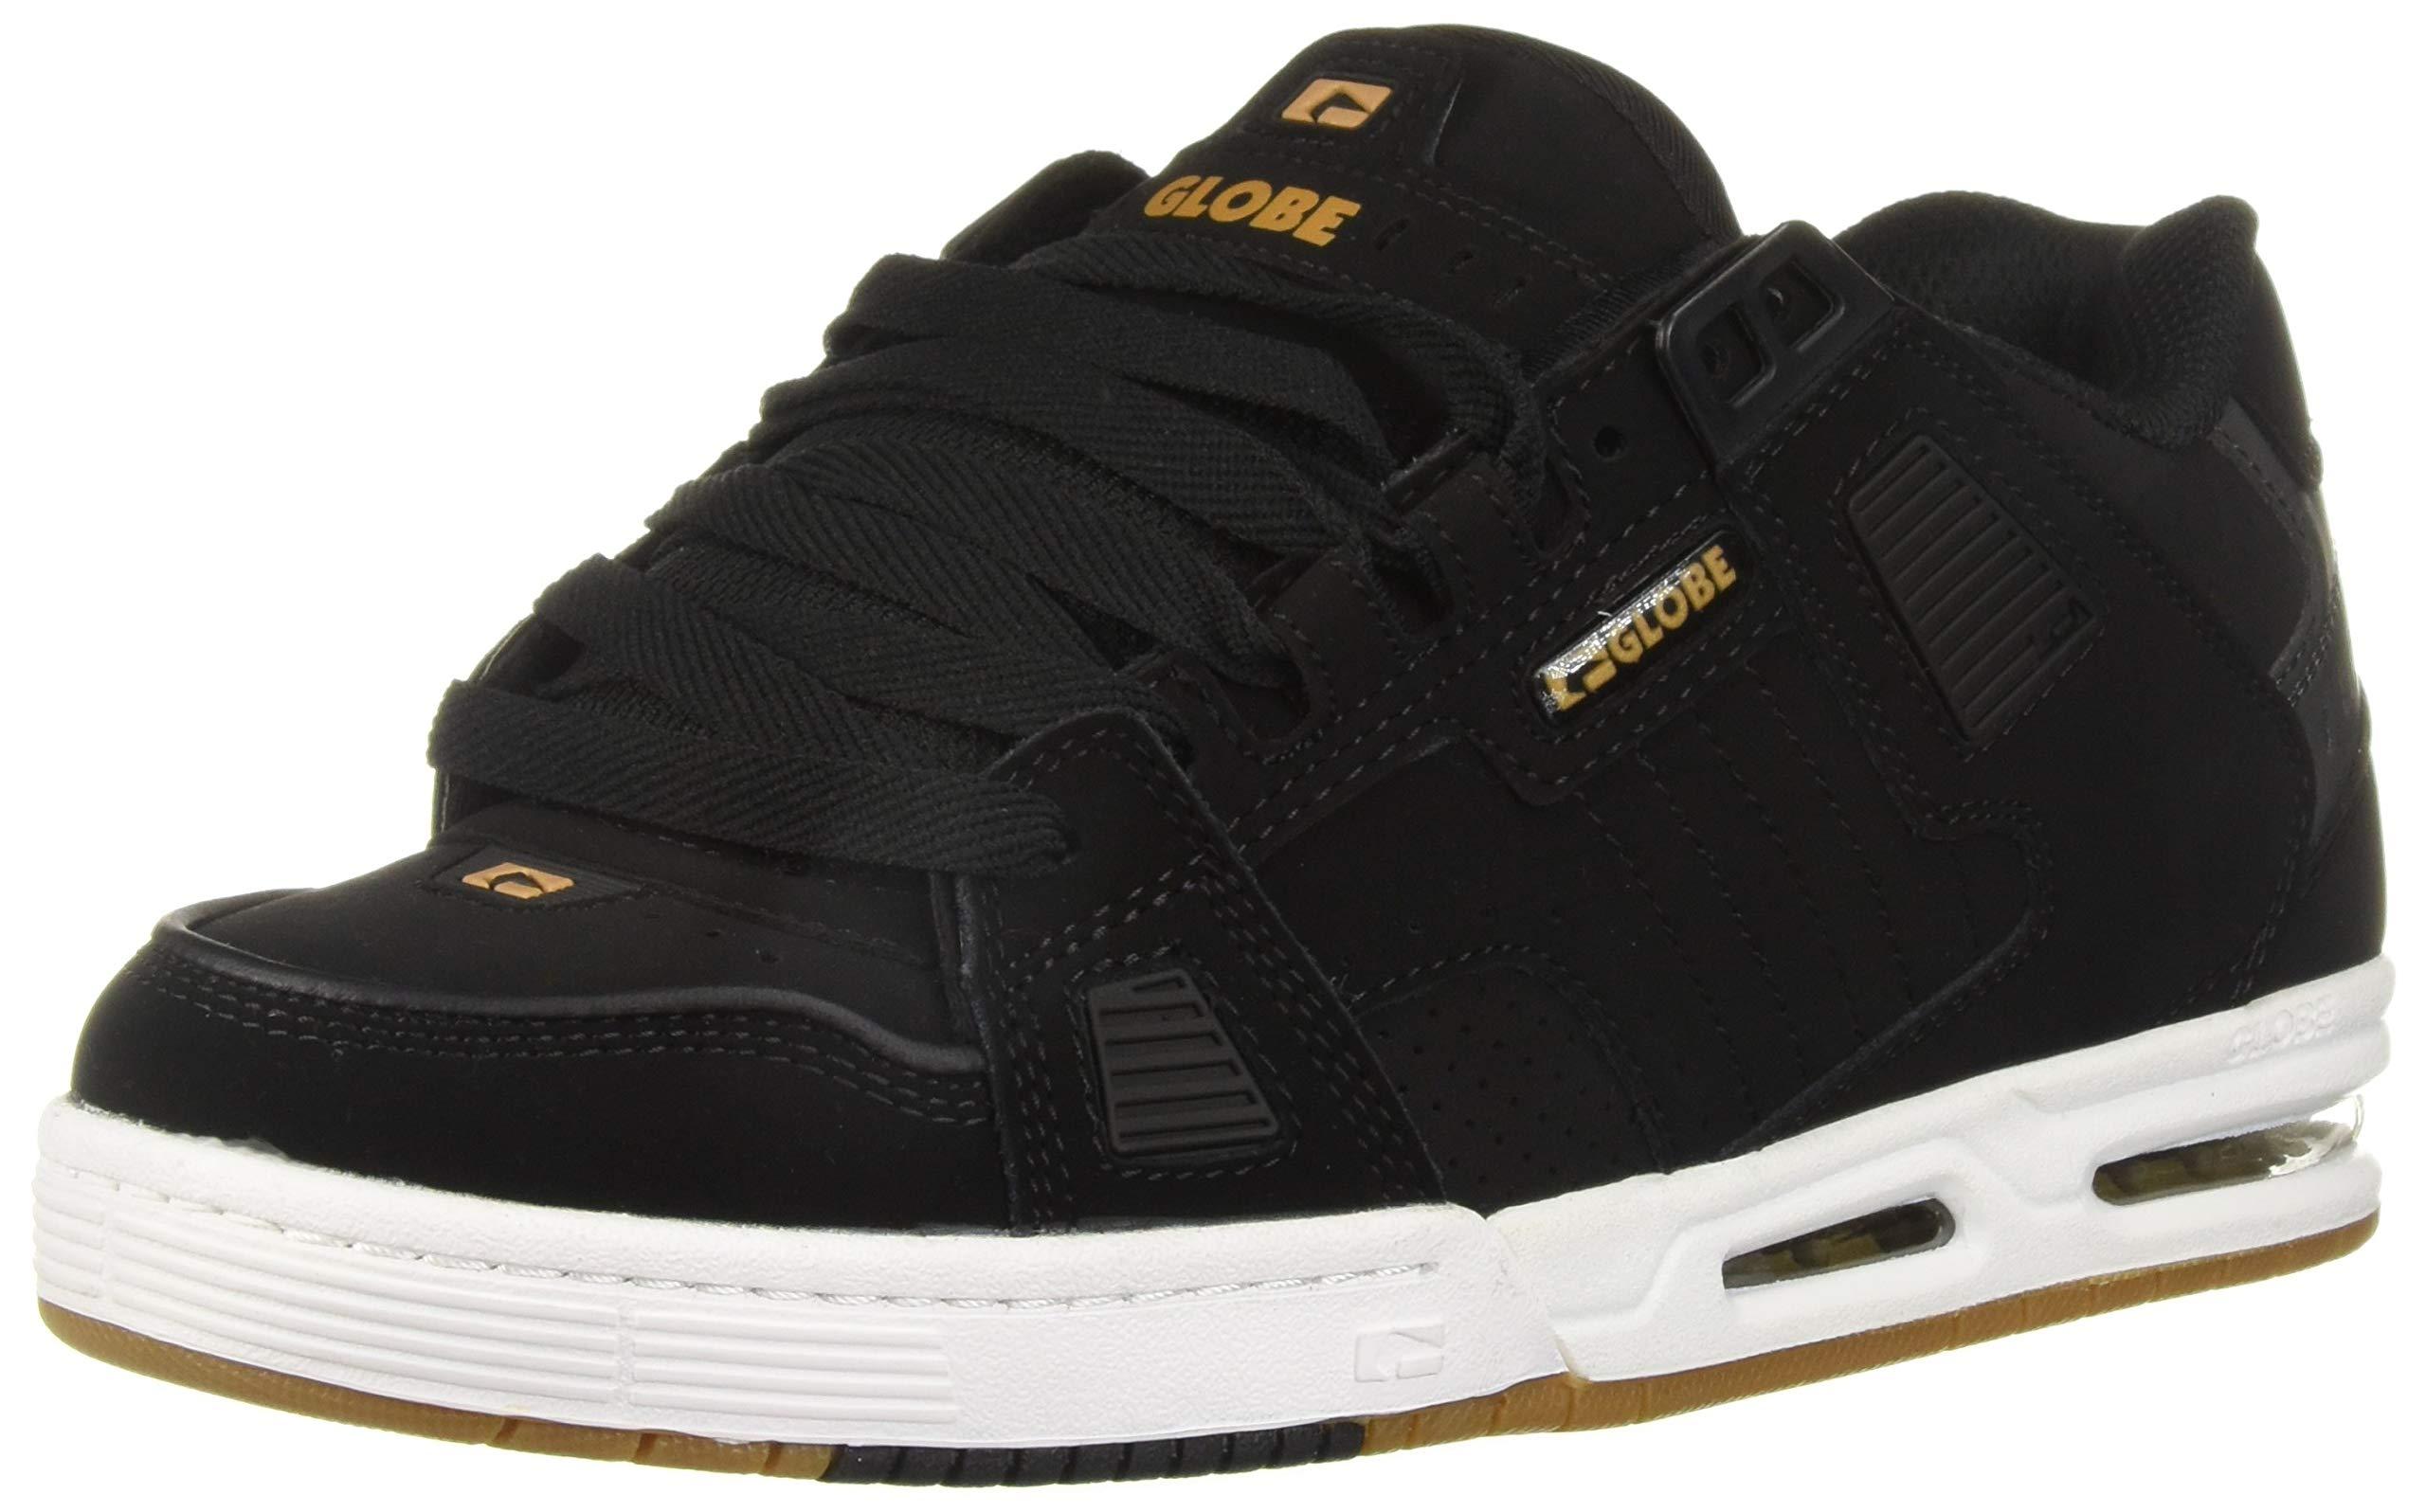 Globe Men's Sabre Skate Shoe, Black/Gold, 11.5 M US